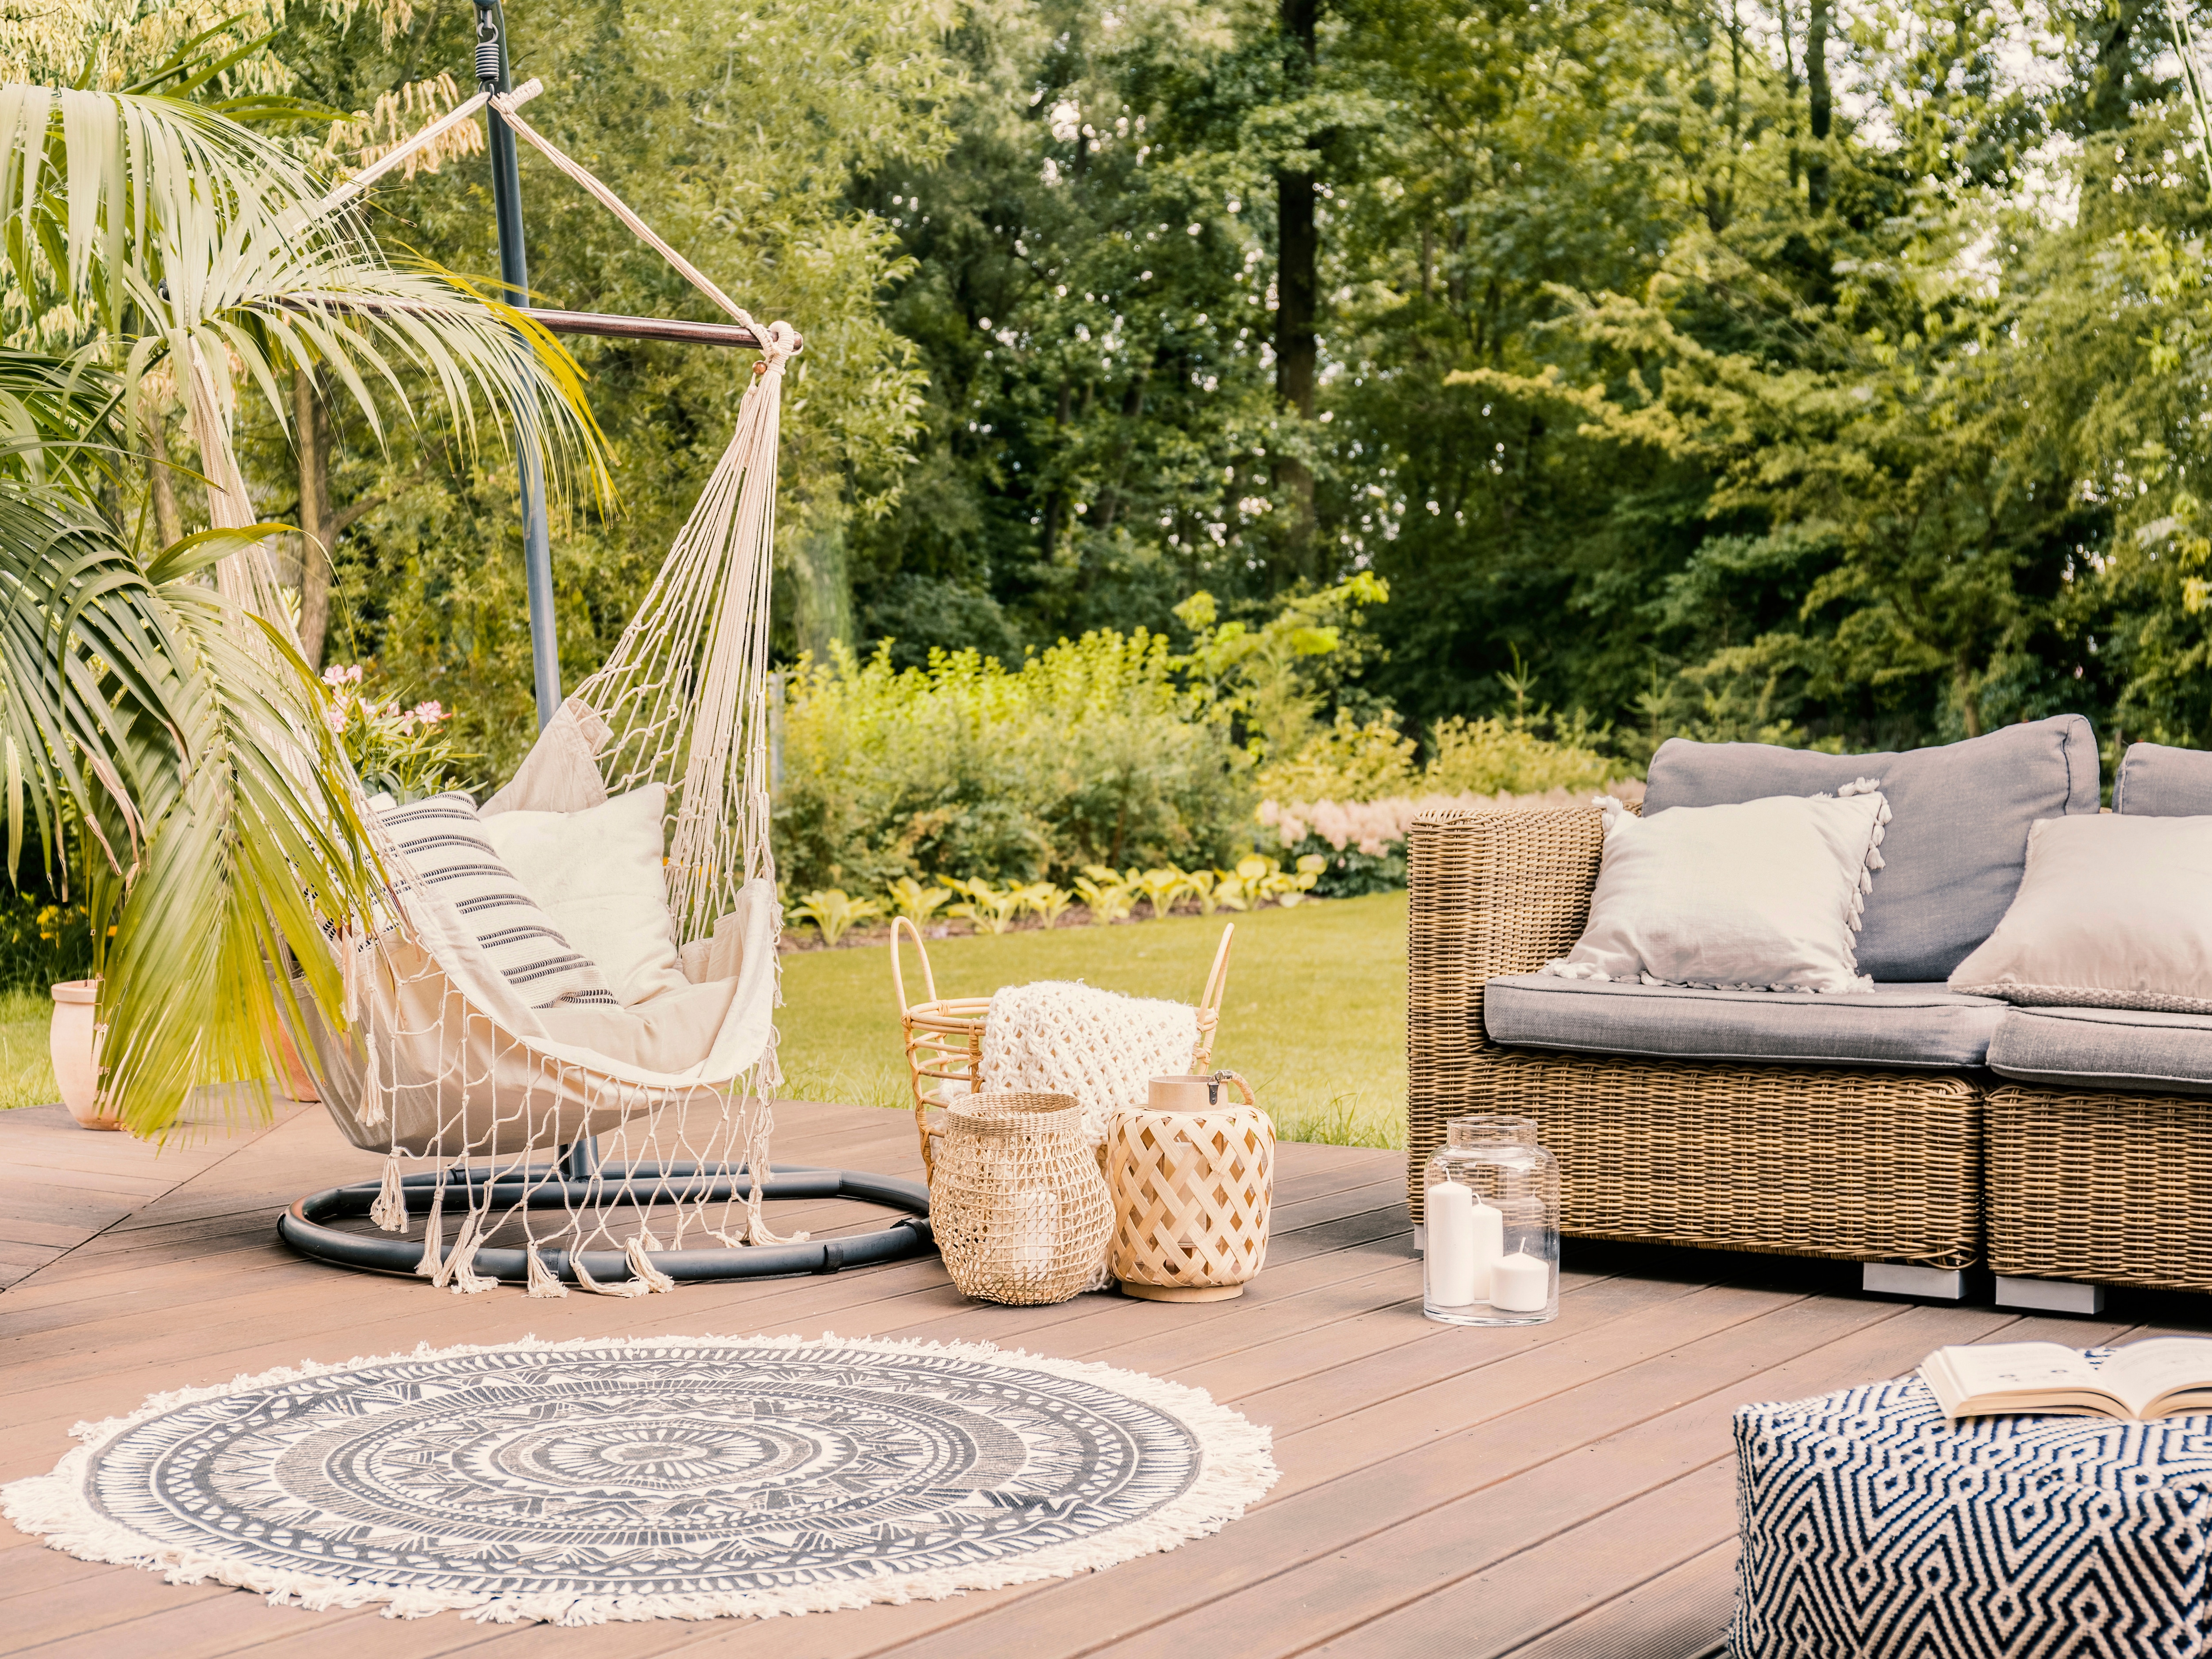 spesso Idee per giardino piccolo: come arredare e decorare - Donna Moderna UE56